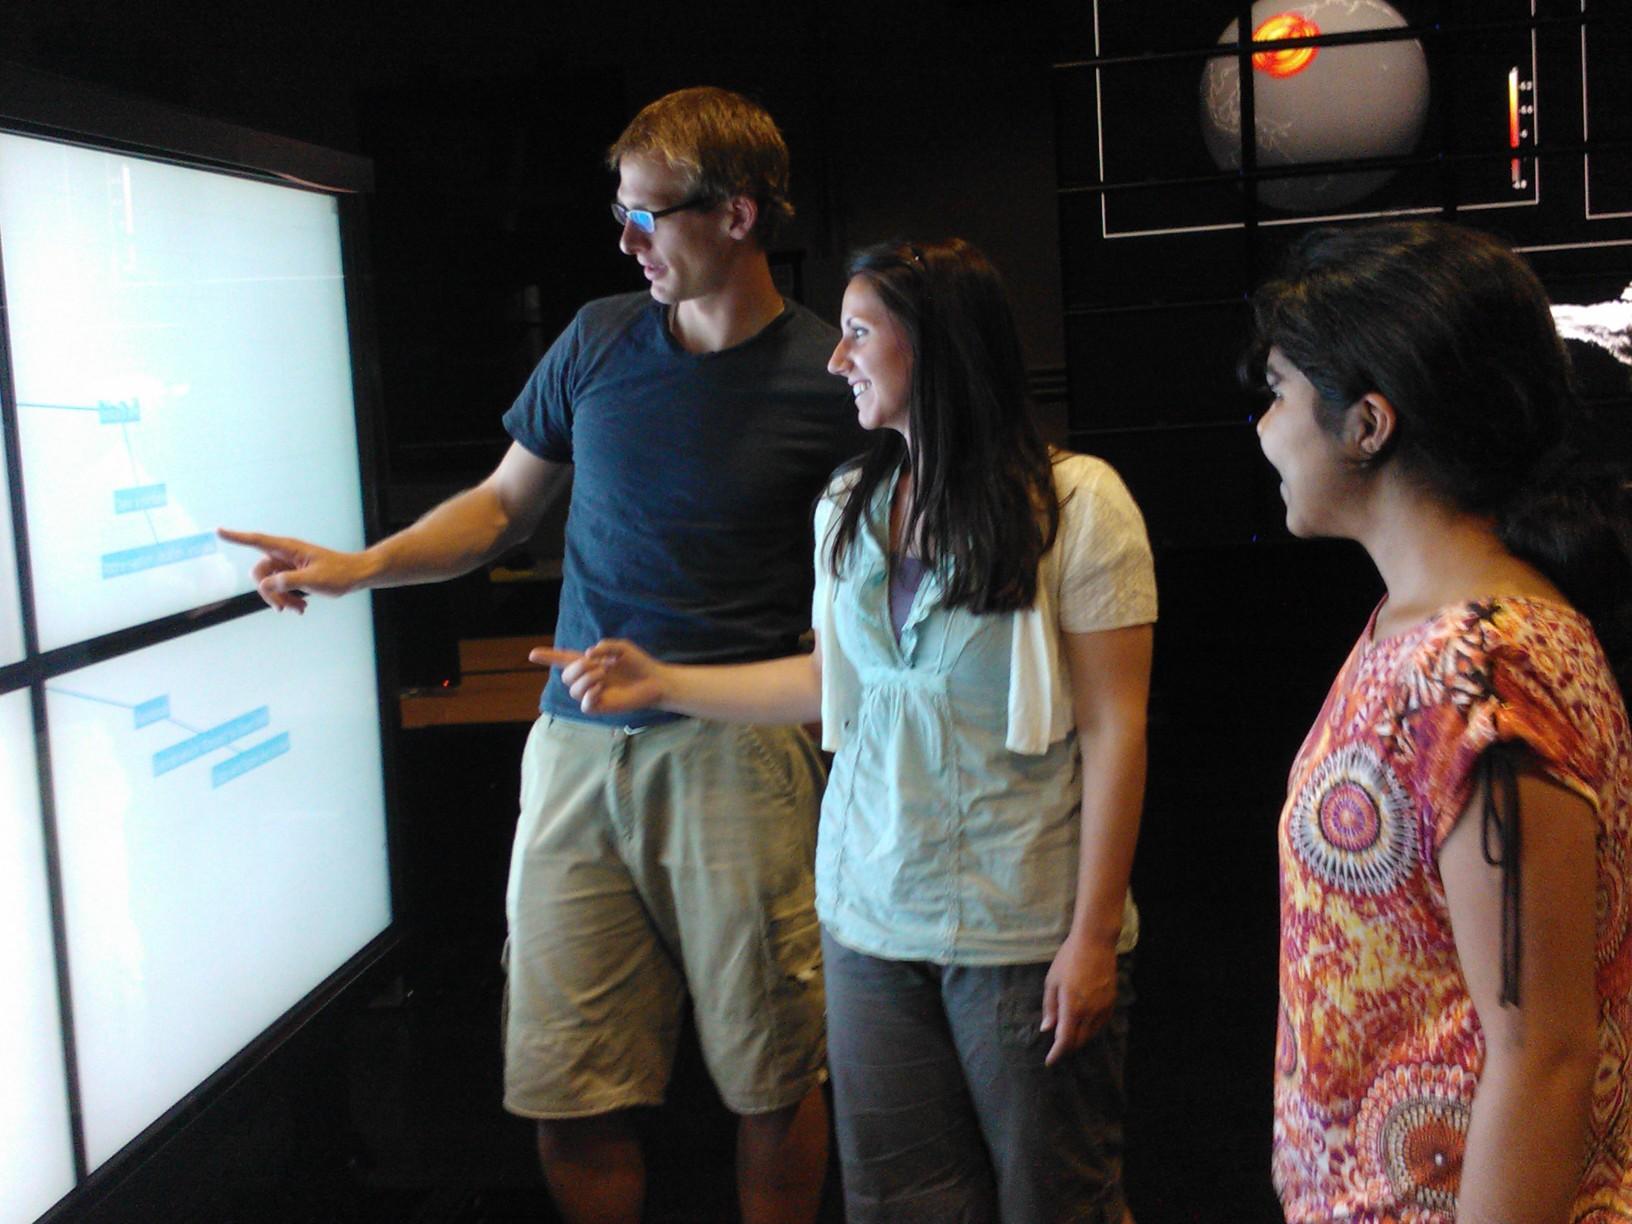 Test participants using  Lasso